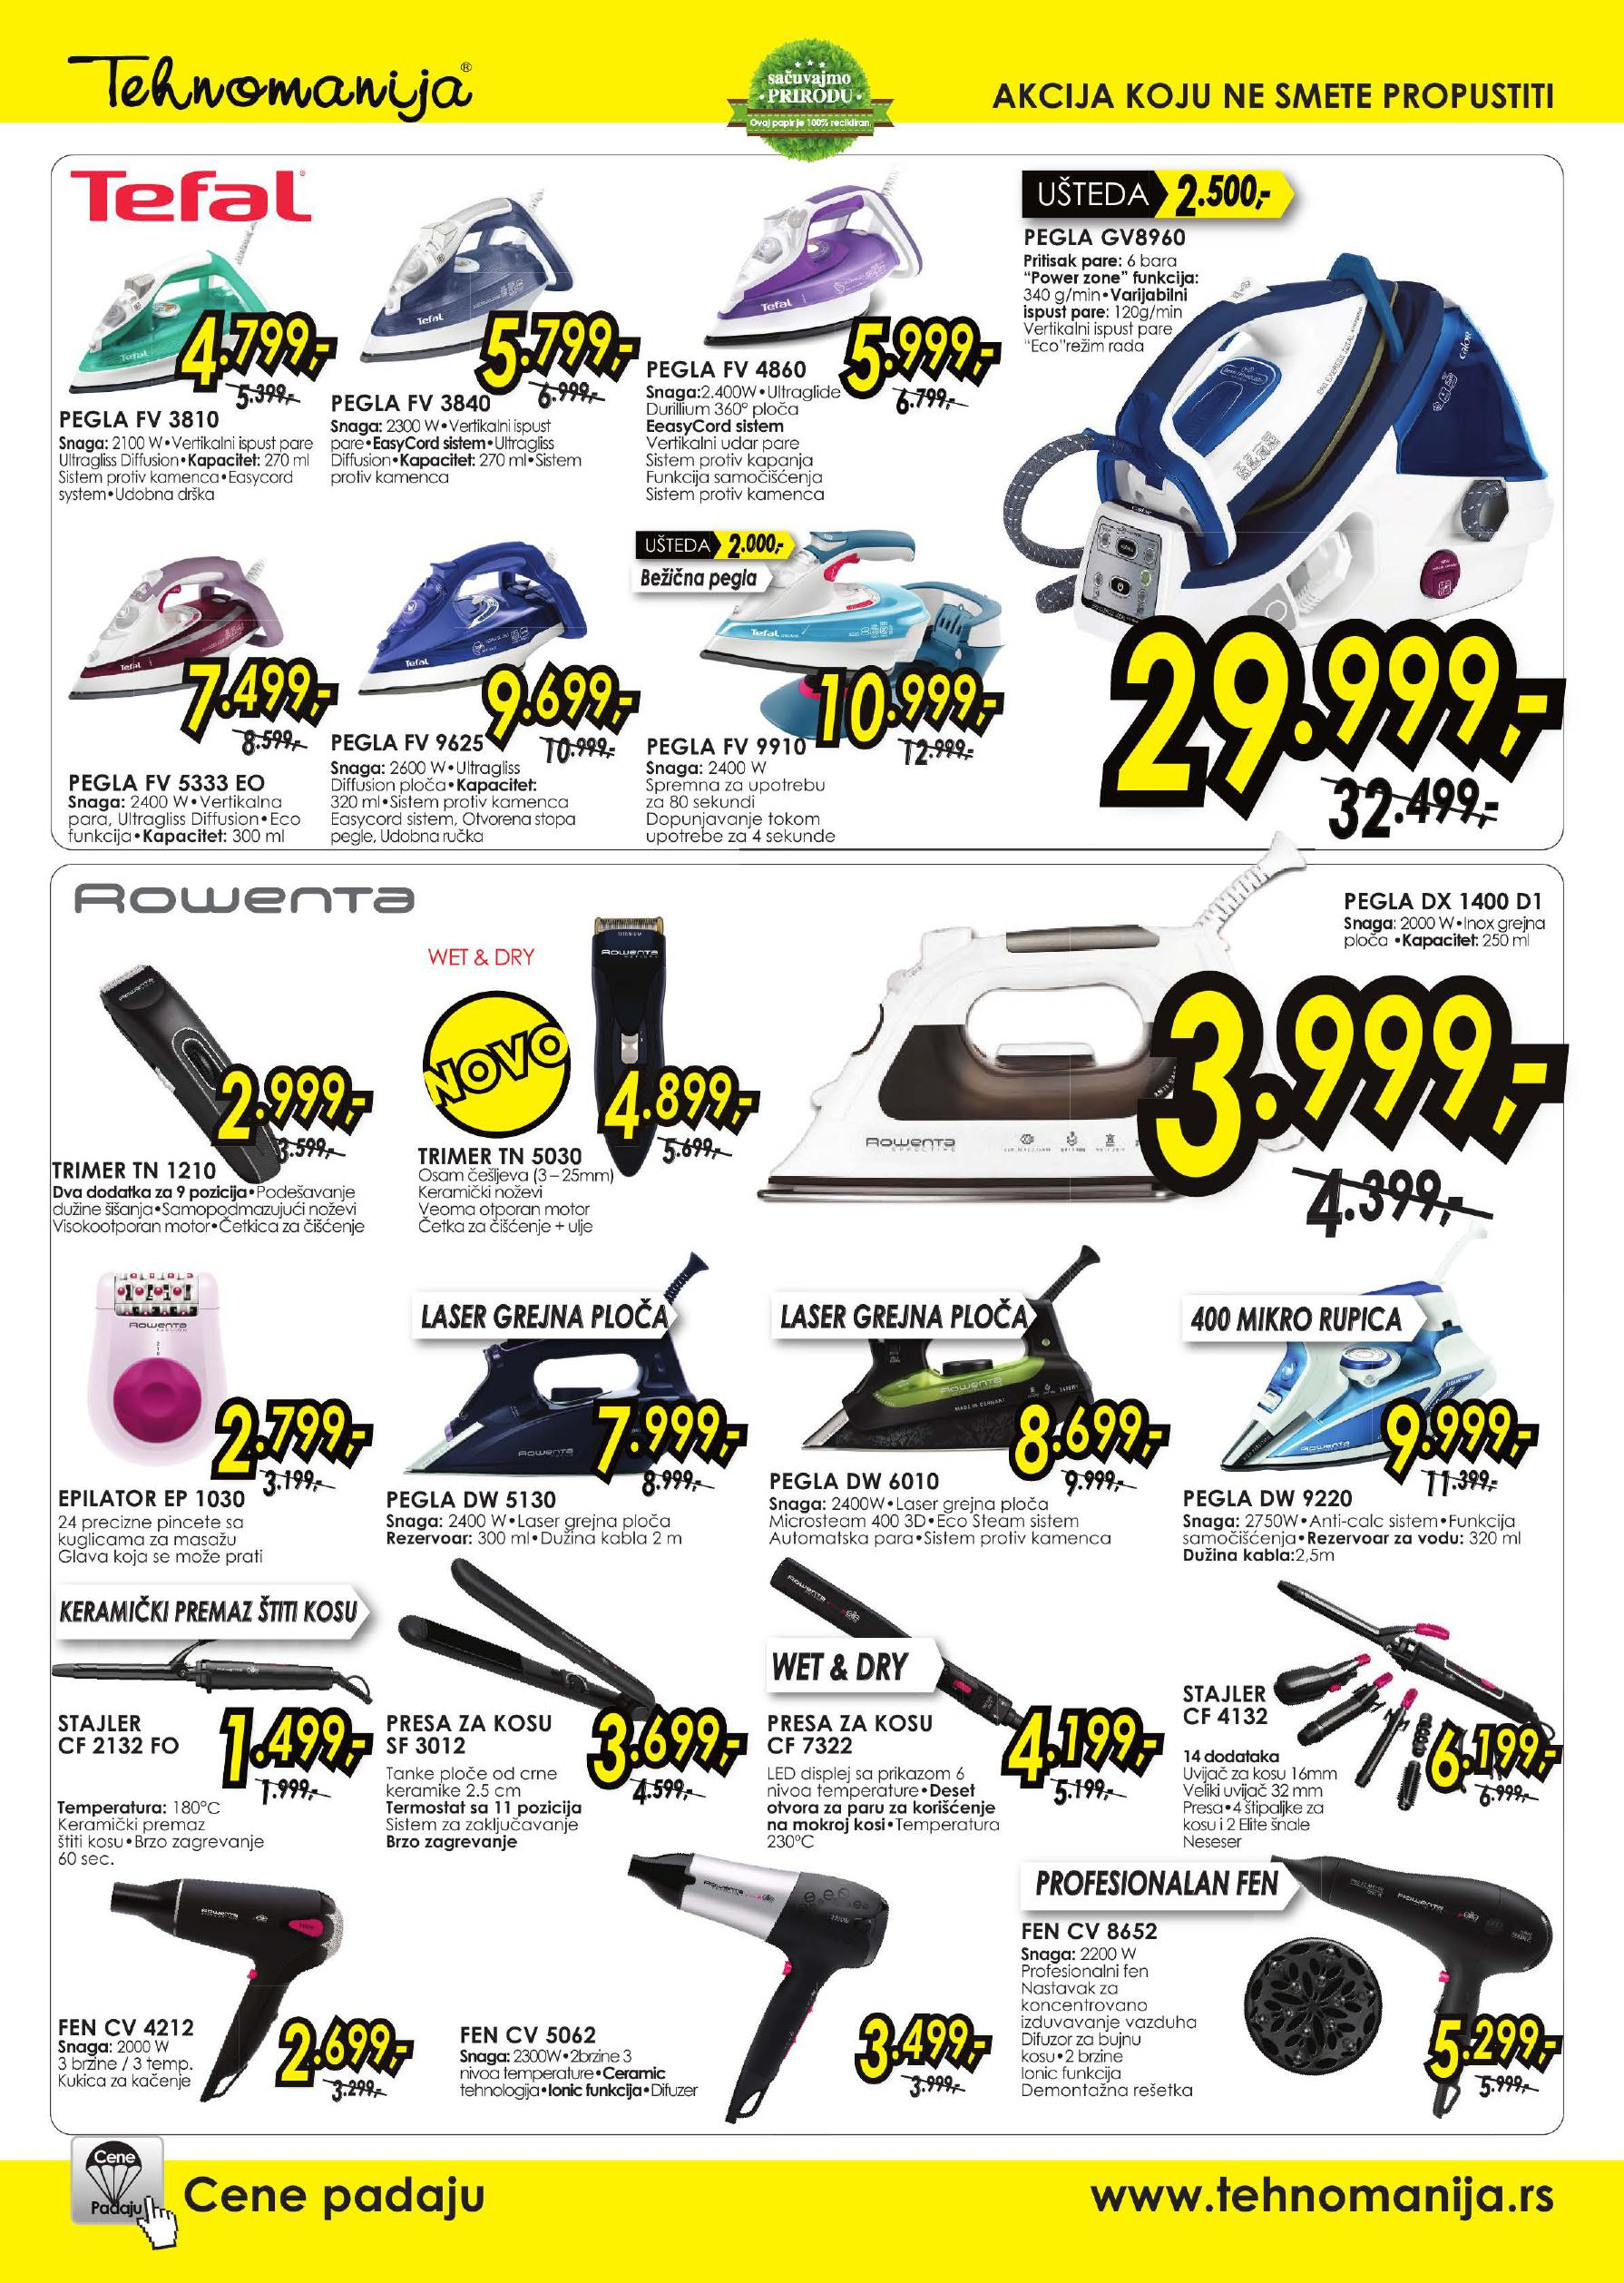 Tehnomanija katalog malinih kućnih aparata po super ceni